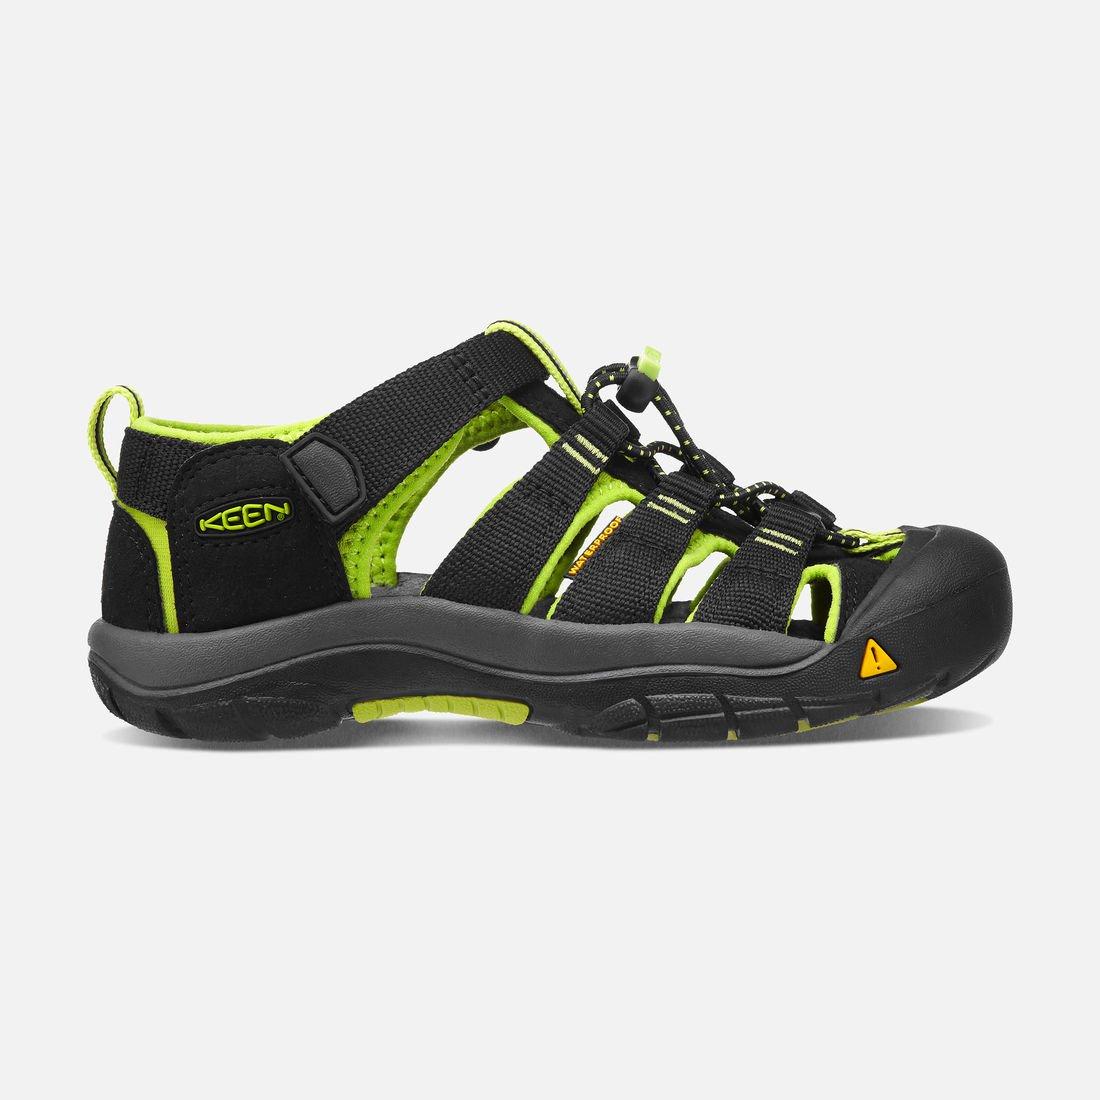 Farbbeispiel Keen Newport H2 Sandale (c)keenfootwear.com